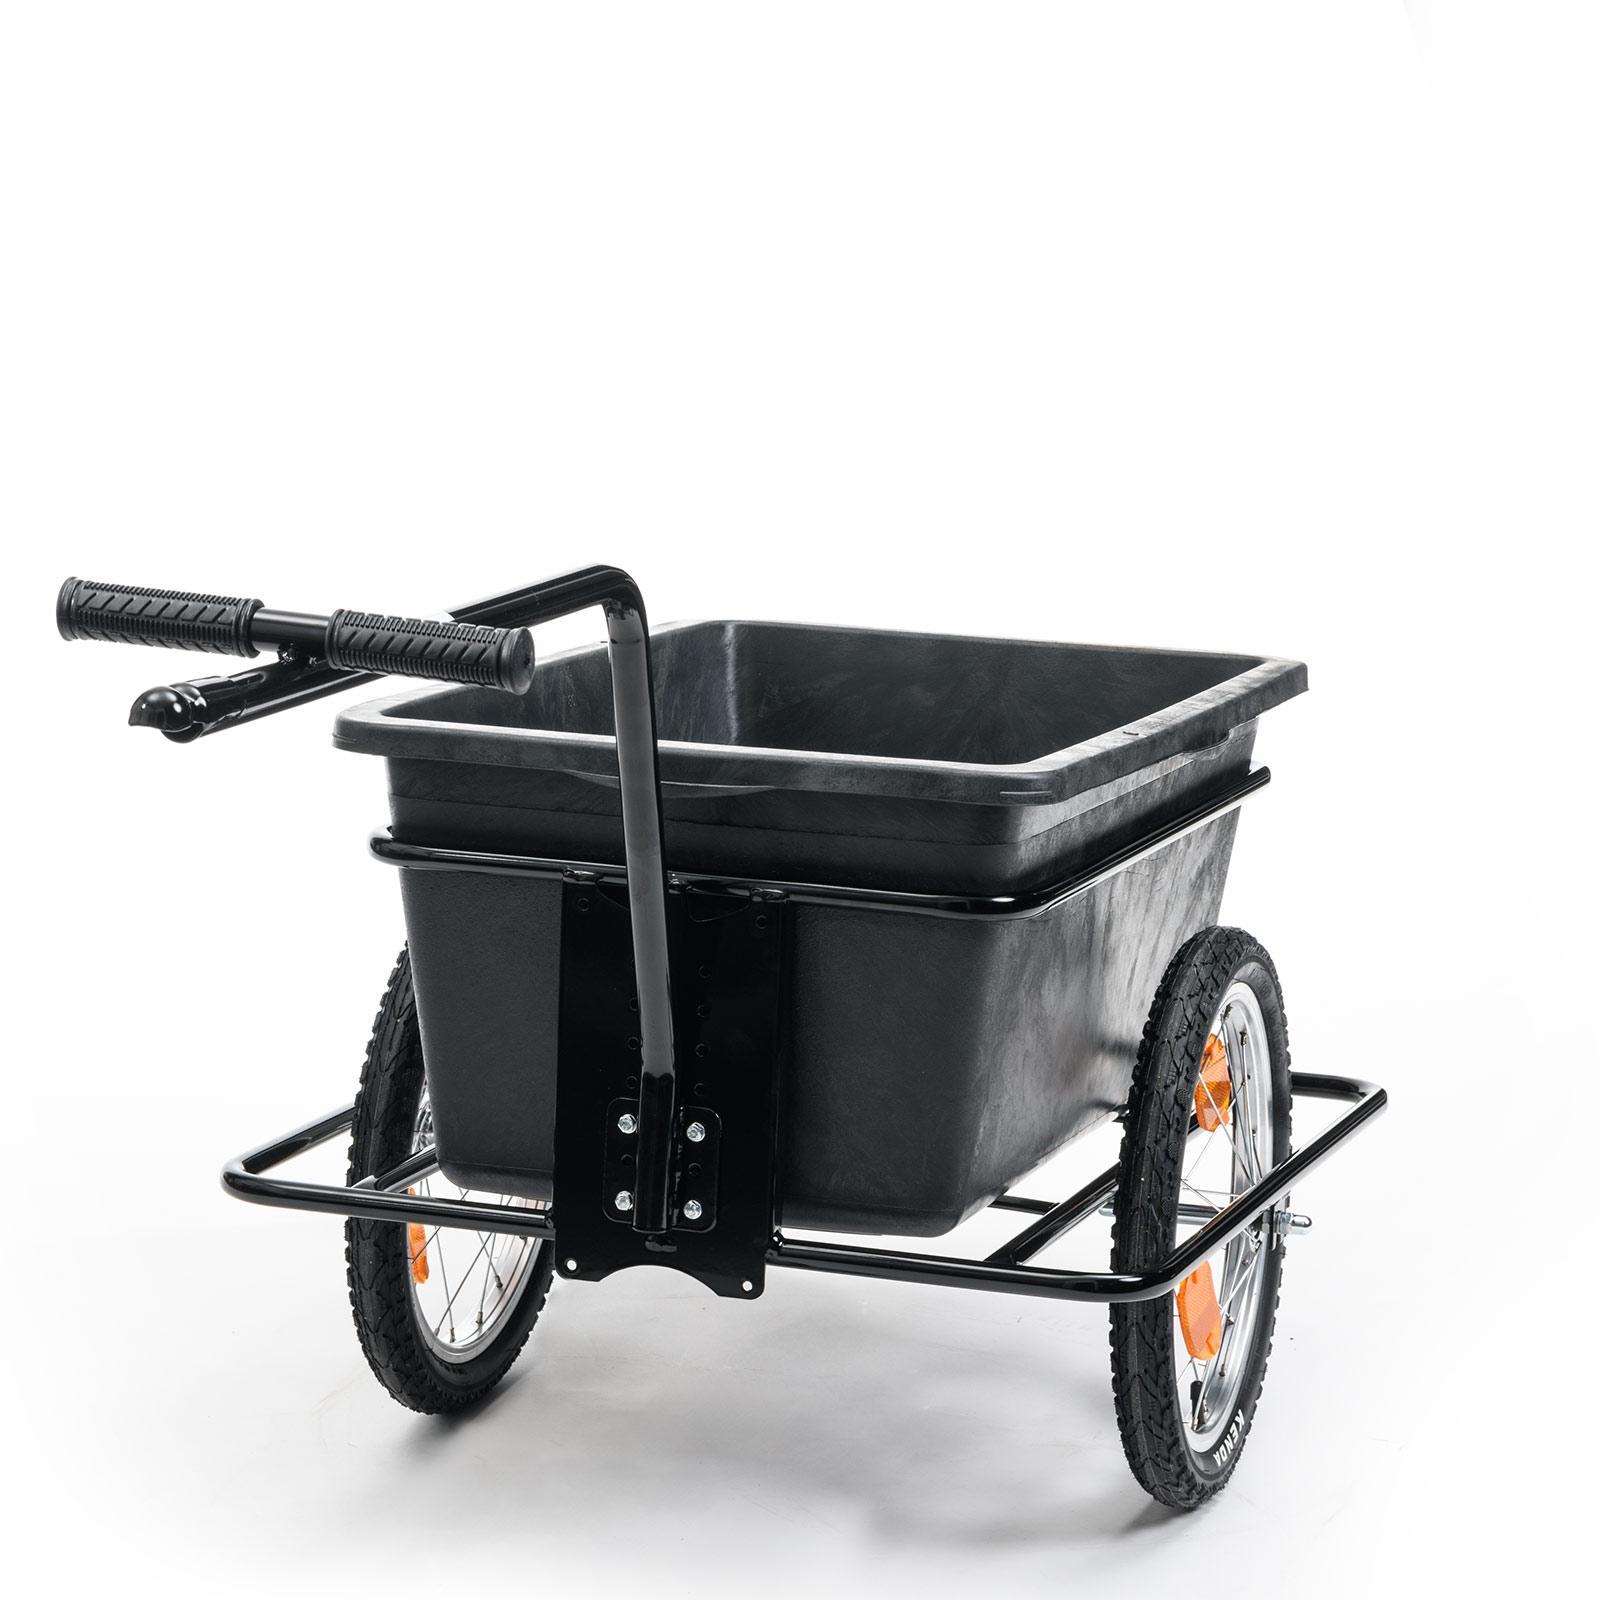 roland big boy fahrrad lastenanh nger mit. Black Bedroom Furniture Sets. Home Design Ideas